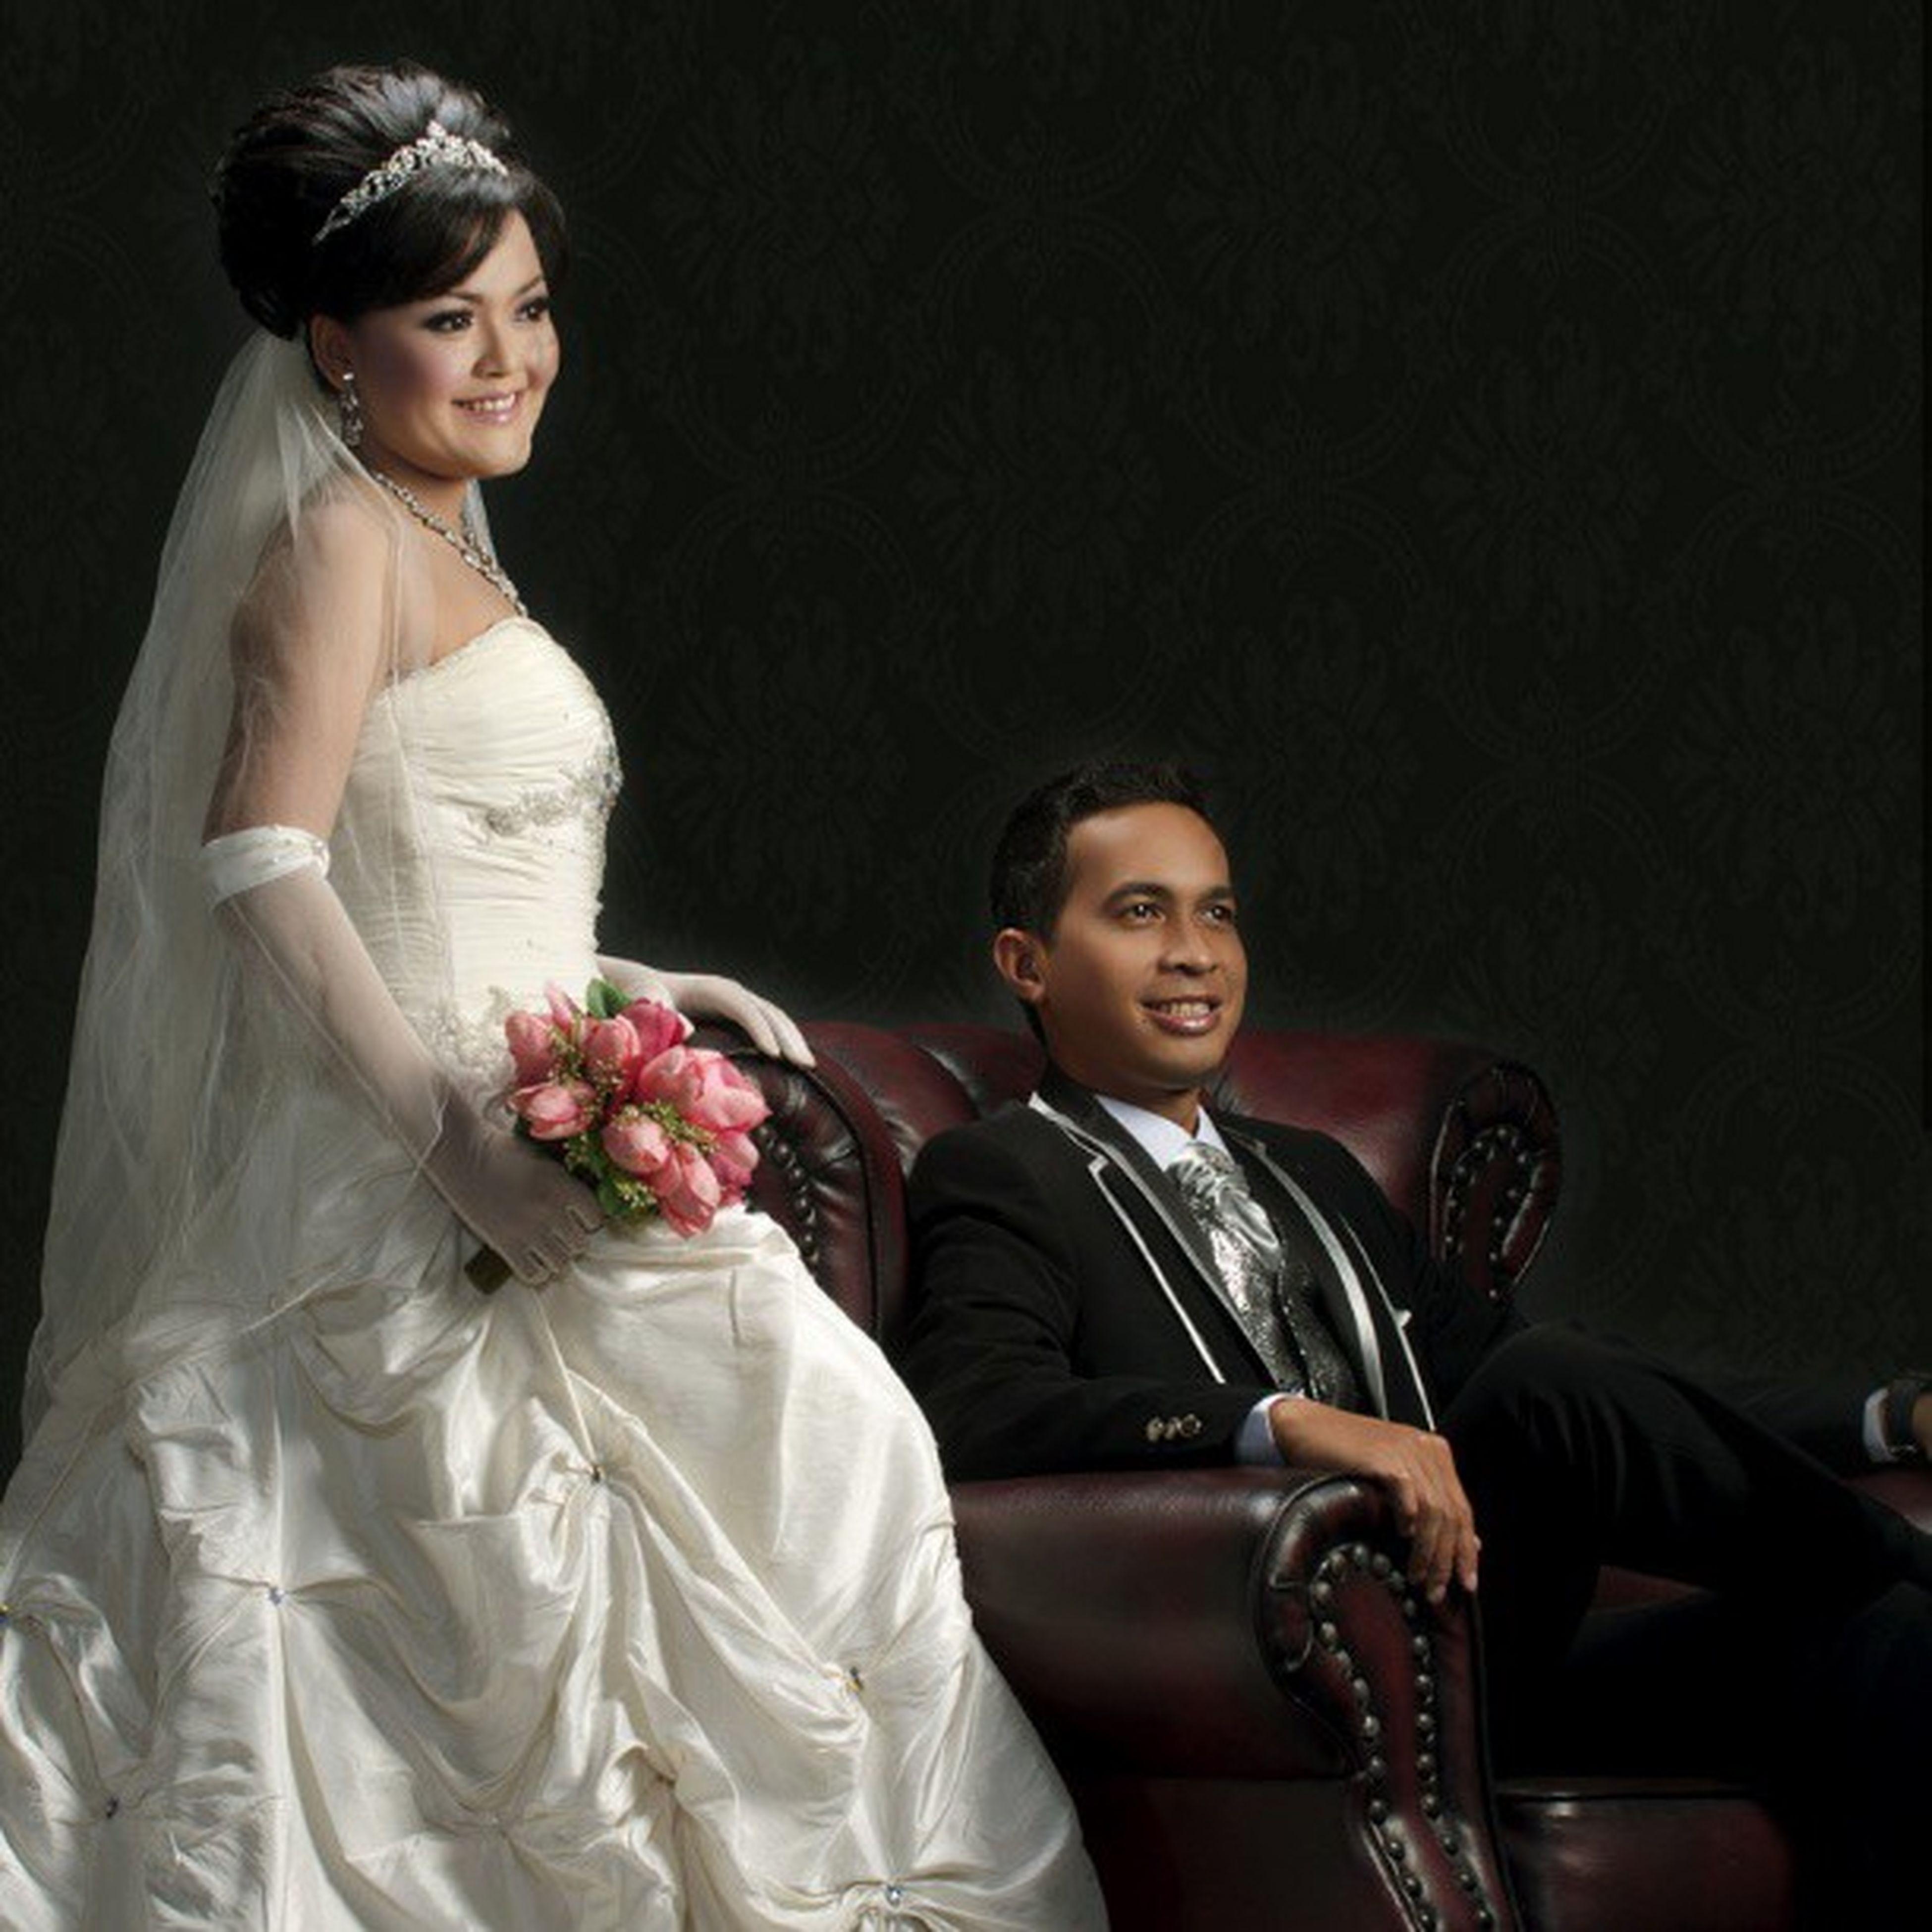 Keluargasederhana Kluarga Matatula Dessy matatula maried on 3 mart 2013